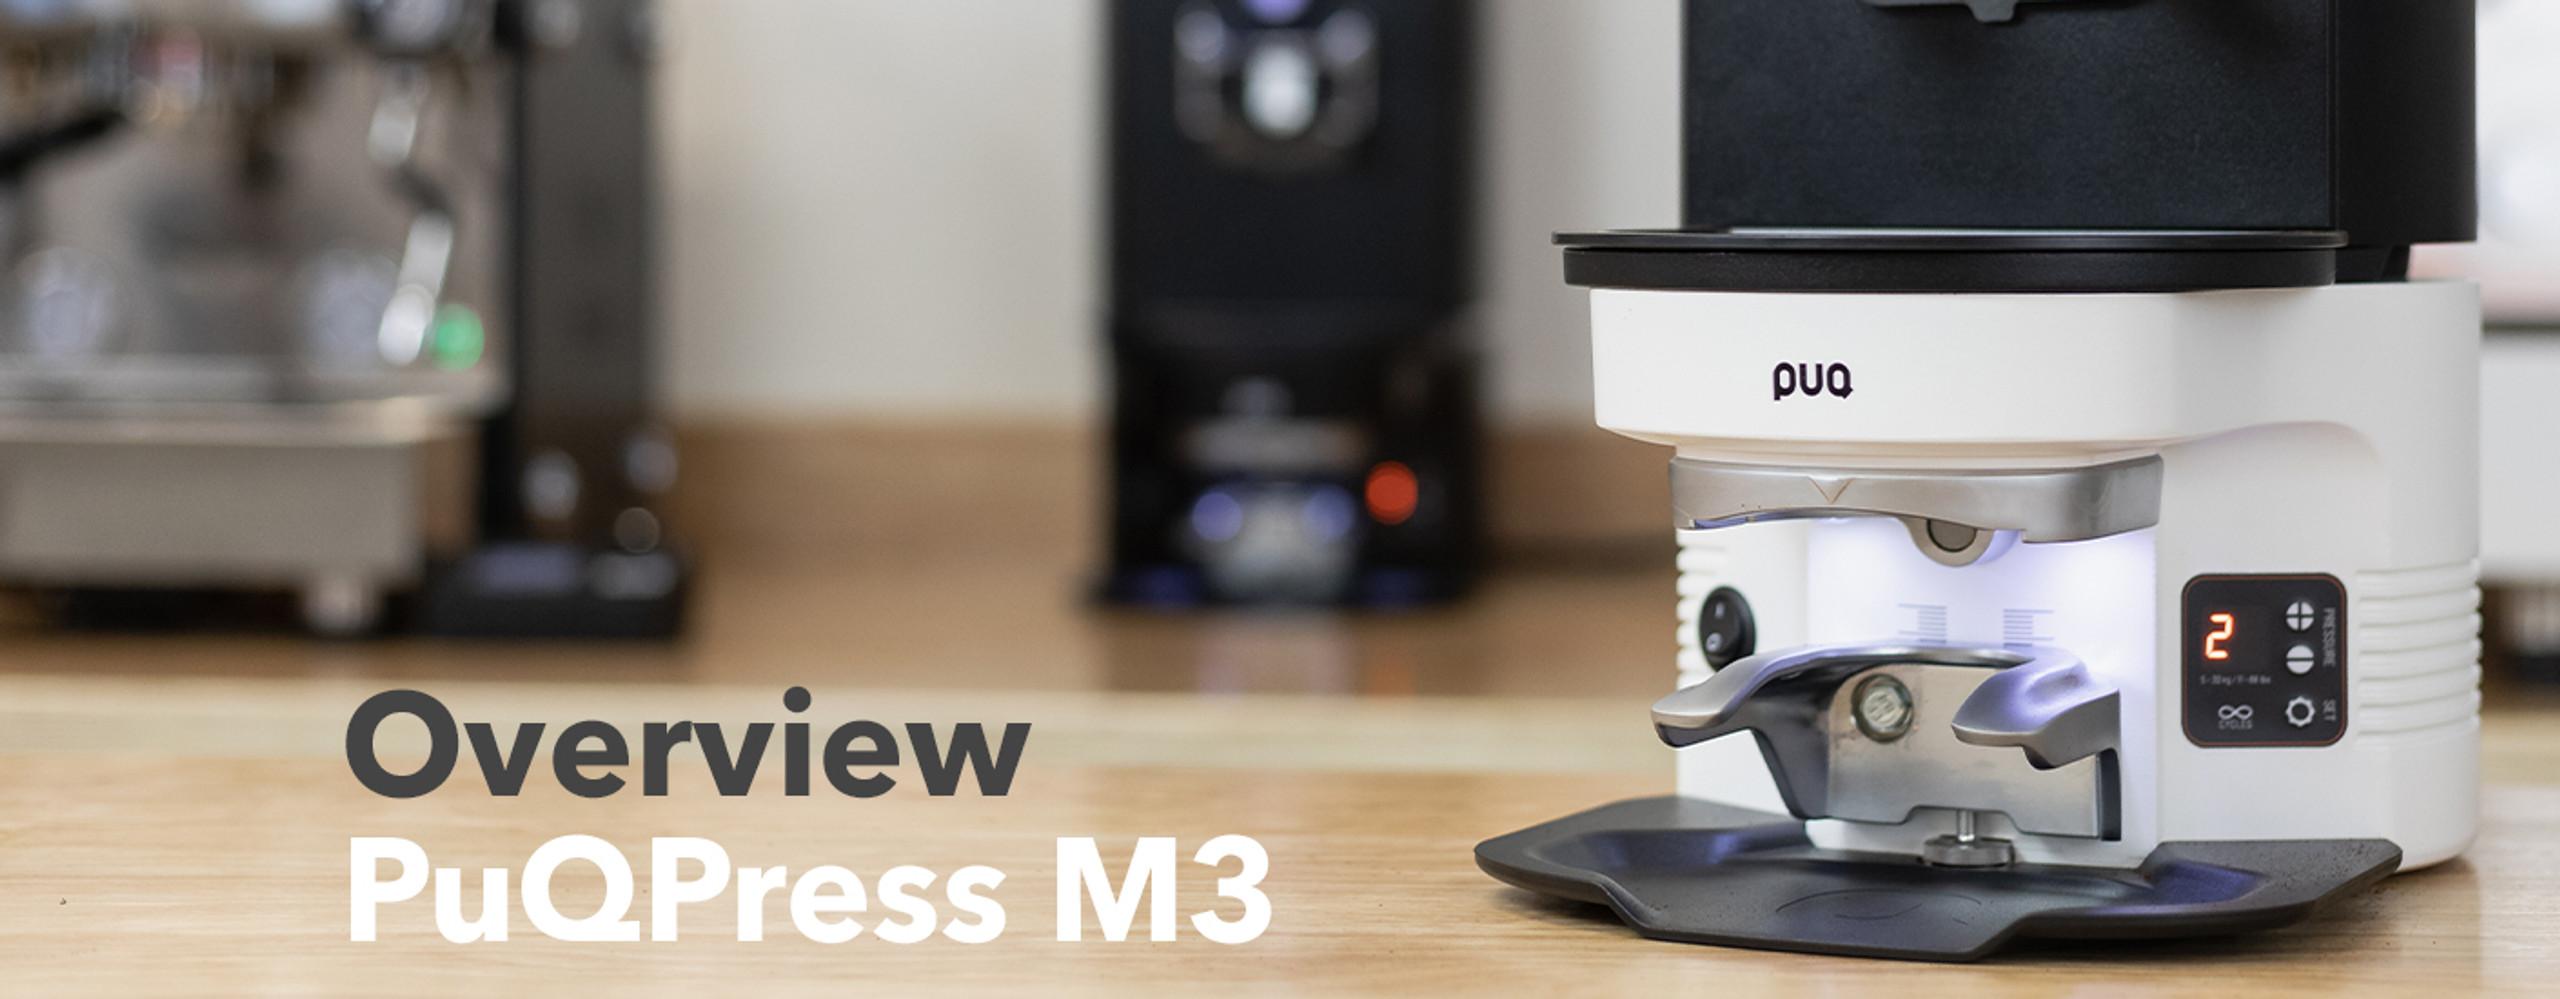 PuQpress M3 Overview